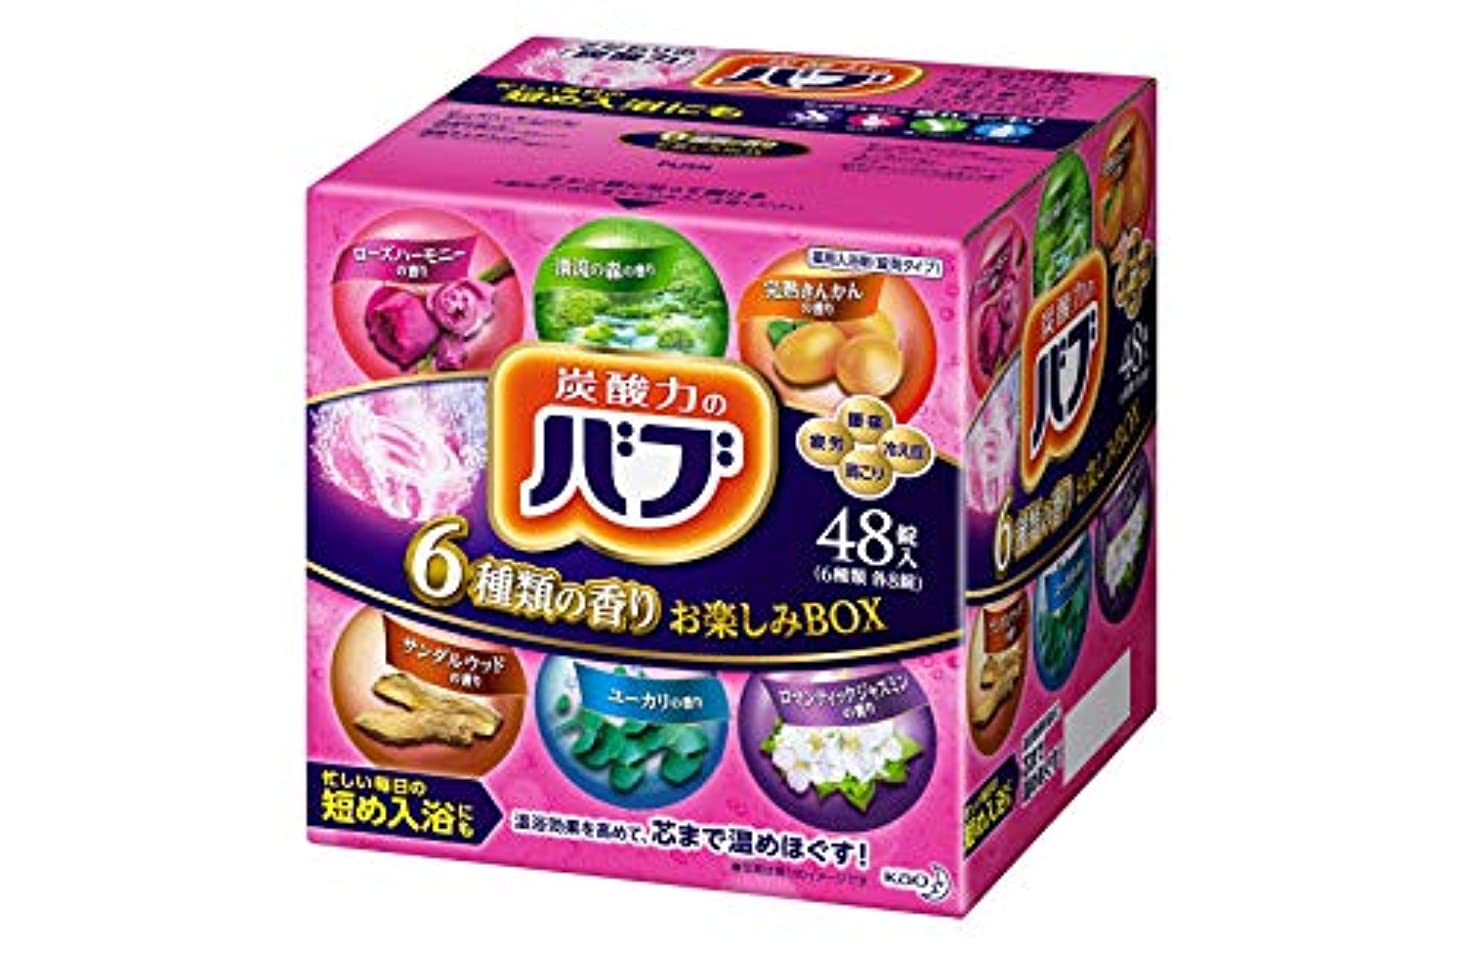 人詩キッチン【大容量】 バブ 6つの香りお楽しみBOX 48錠 炭酸 入浴剤 詰め合わせ [医薬部外品]